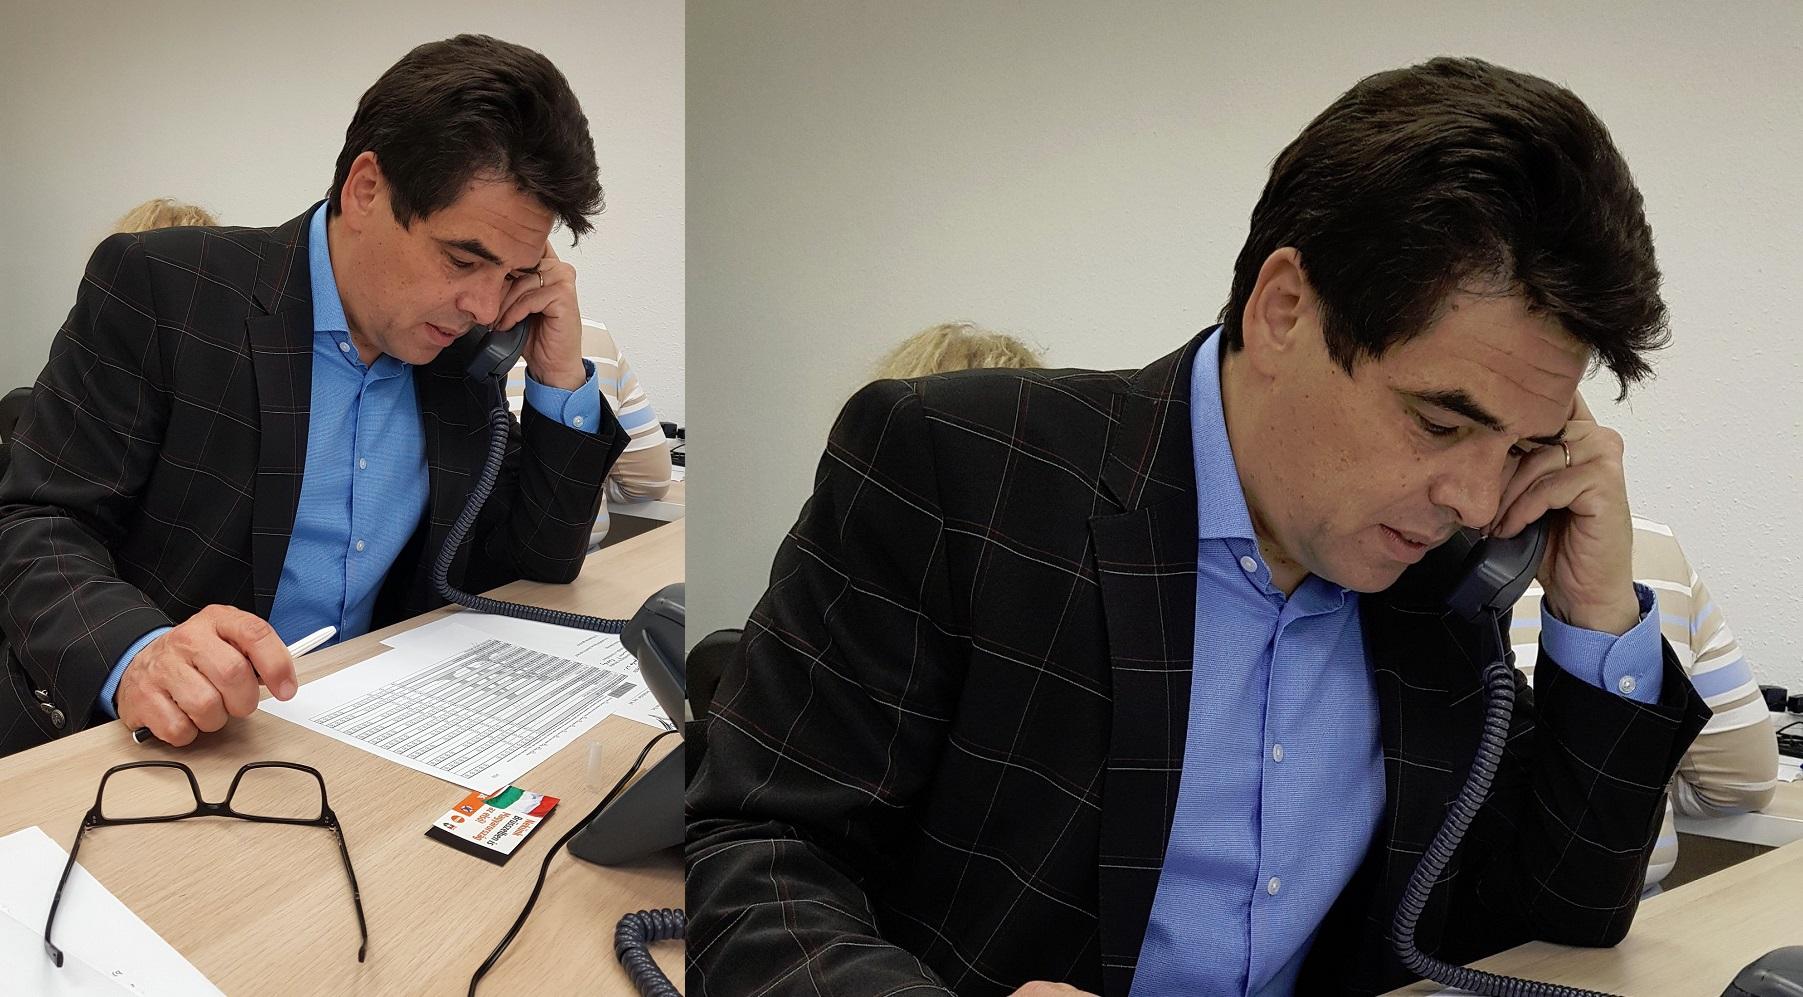 Véletlenül kiposztolta a fideszes képviselő, ahogy a választókat hívogatva éppen nyilvántartásba veszi őket a Kubatov-listán